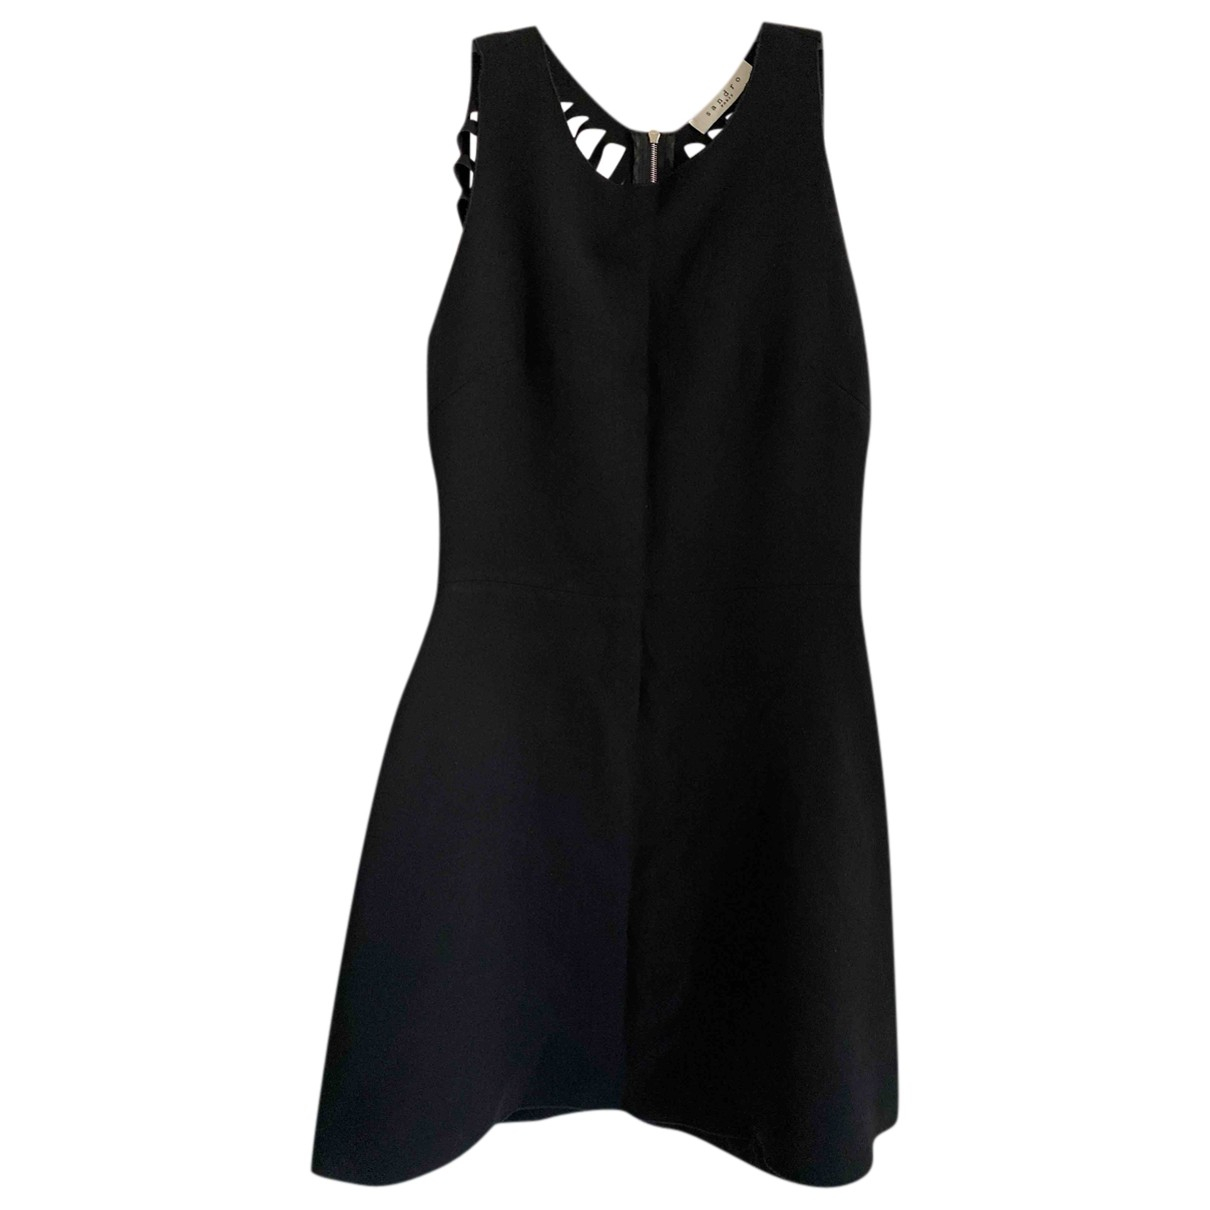 Sandro \N Black Cotton dress for Women 38 FR